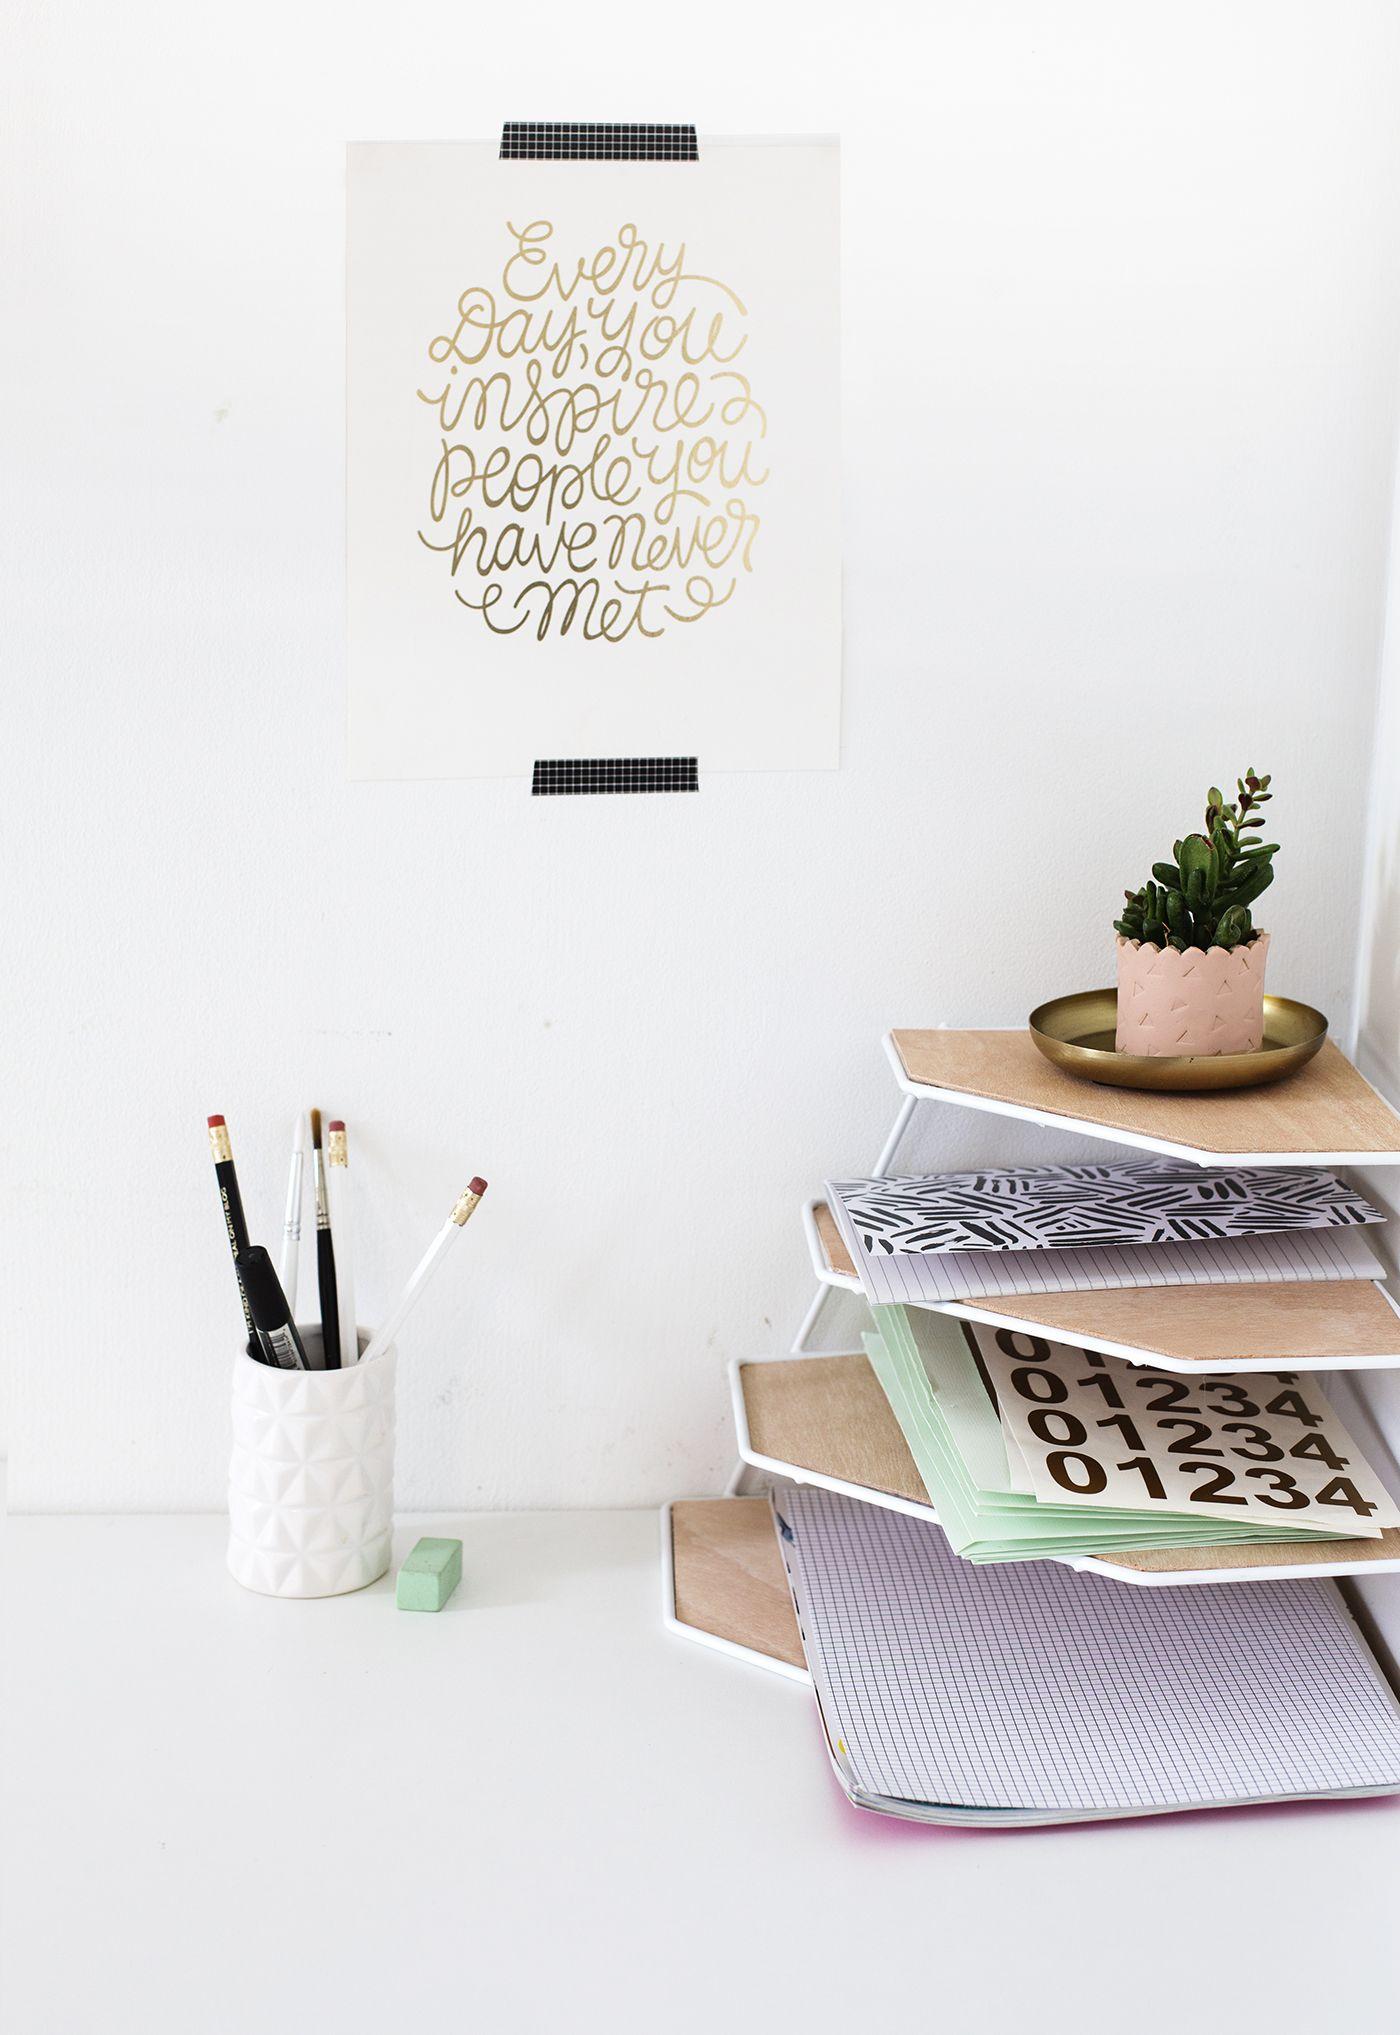 workspace goals diy do it yourself pinterest diy holz organizer und schreibtische. Black Bedroom Furniture Sets. Home Design Ideas